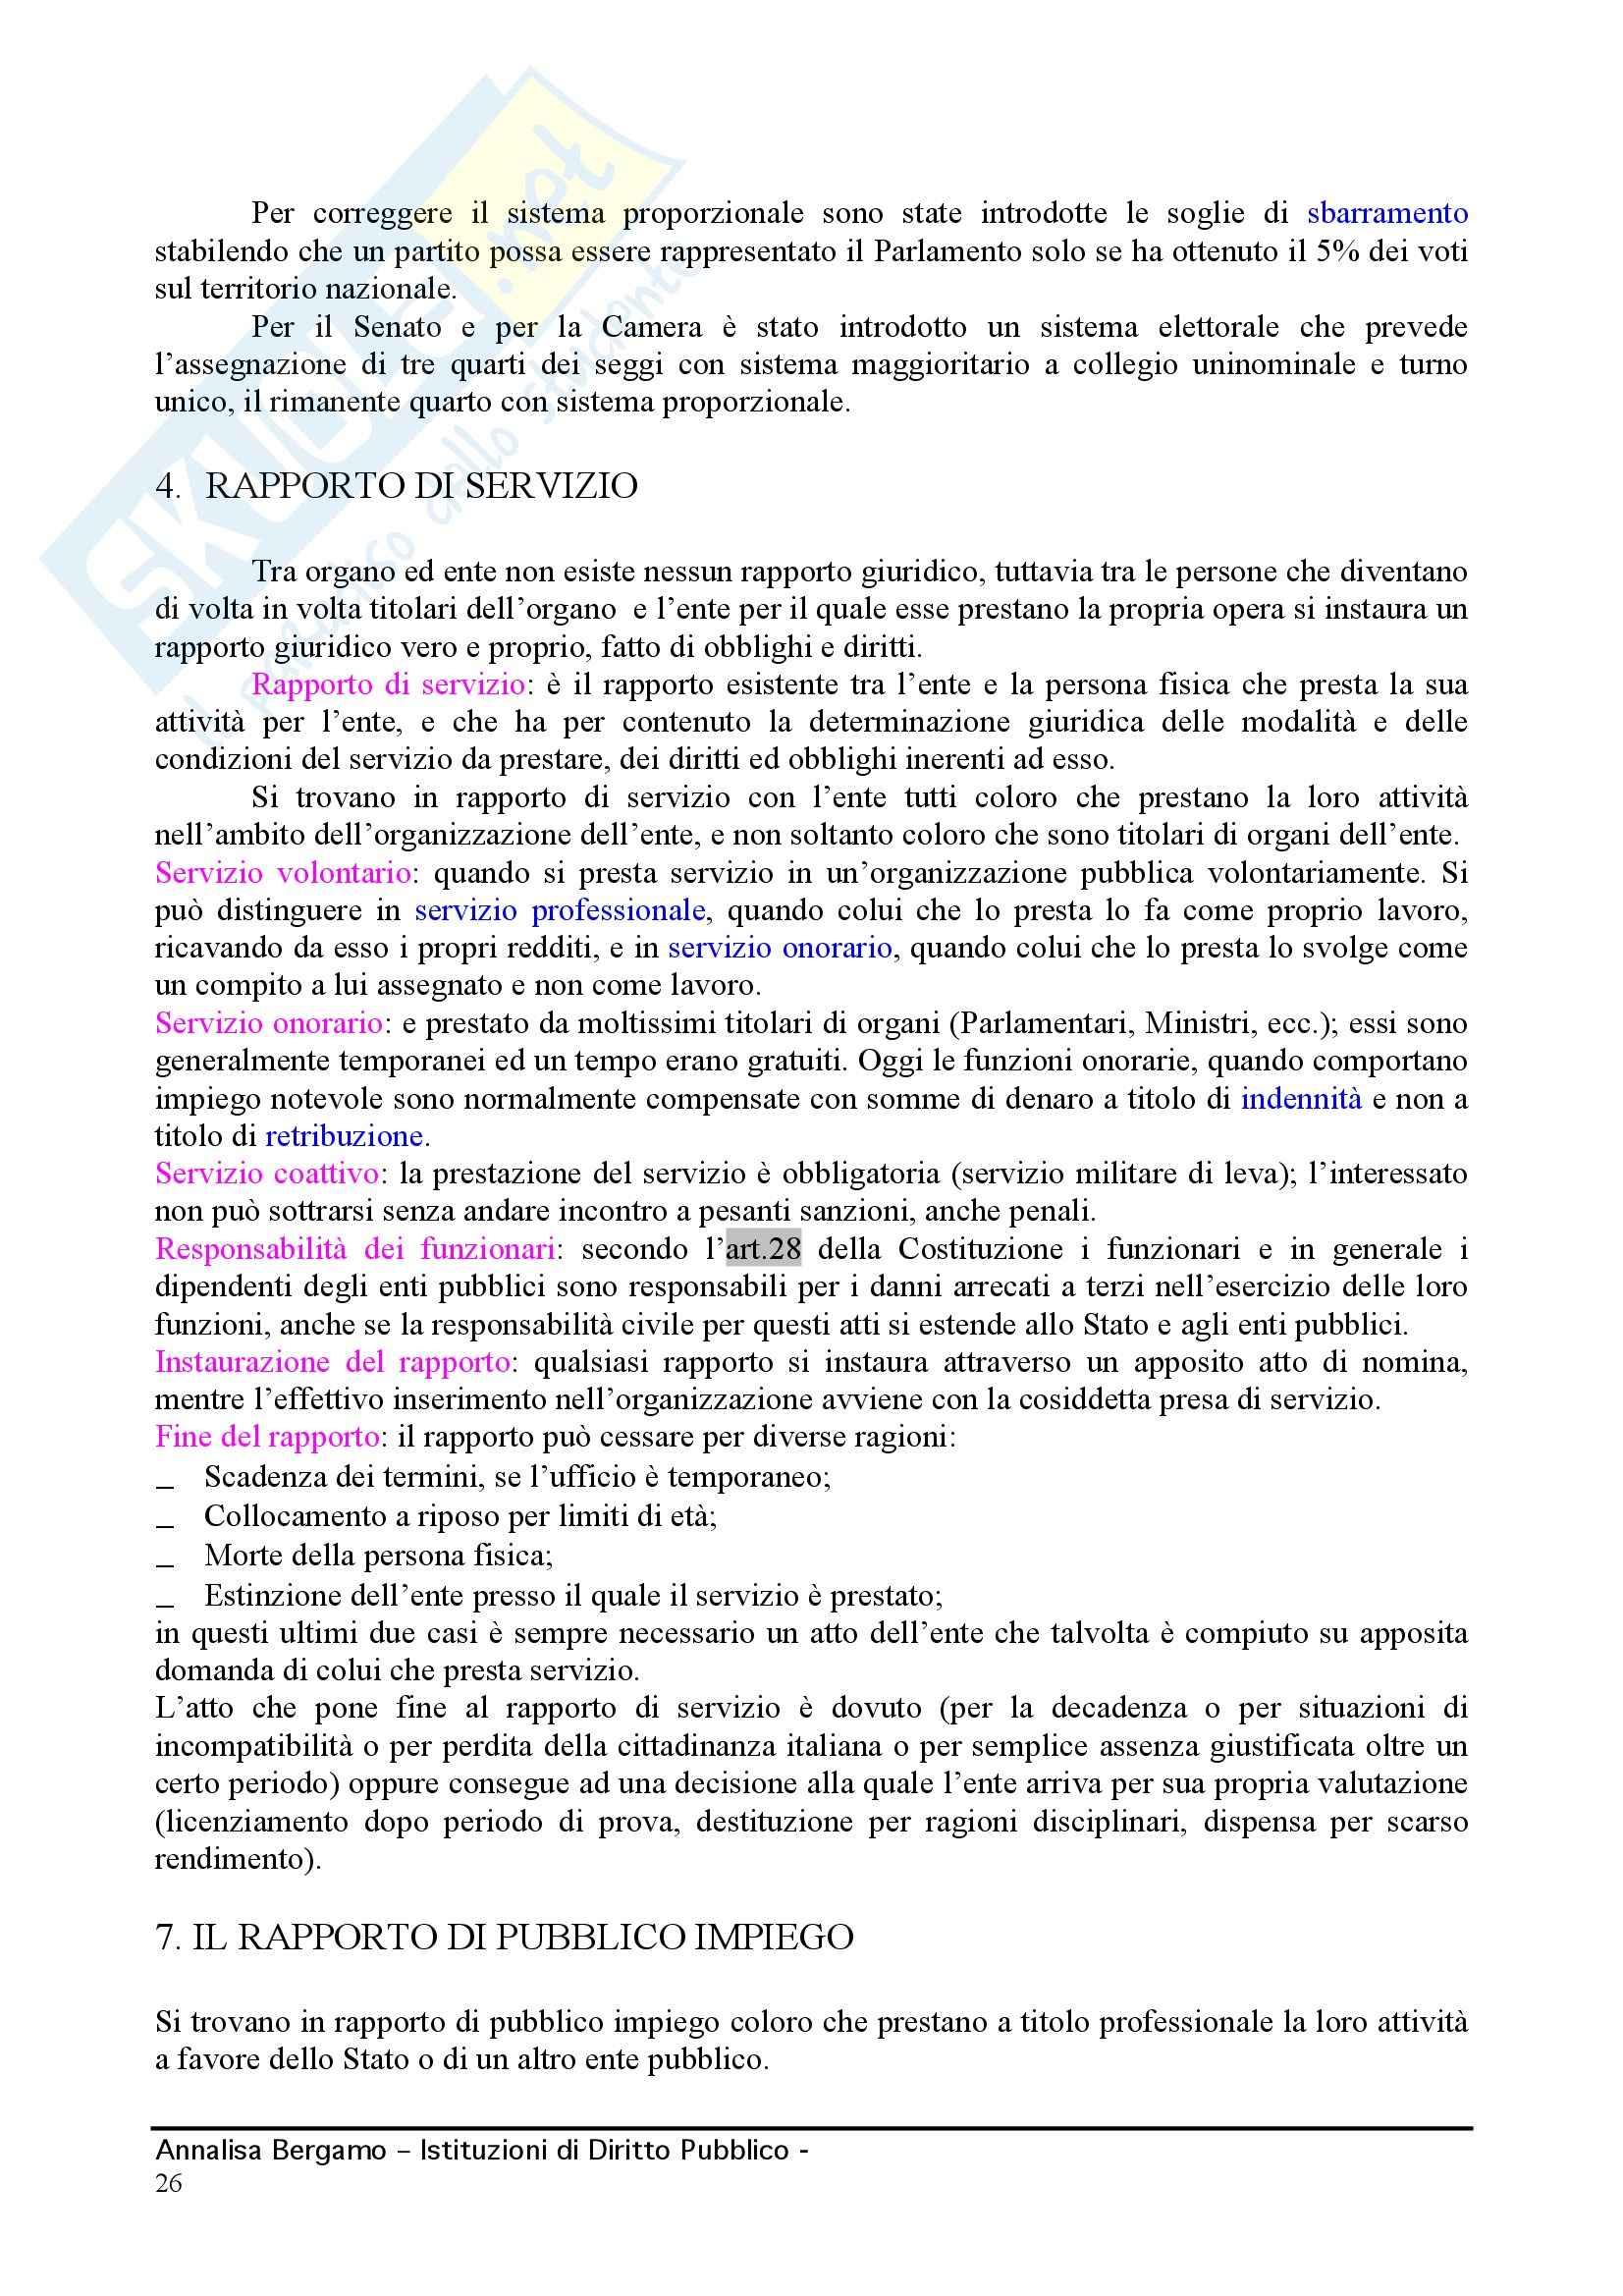 Diritto pubblico - Compendio Pag. 26